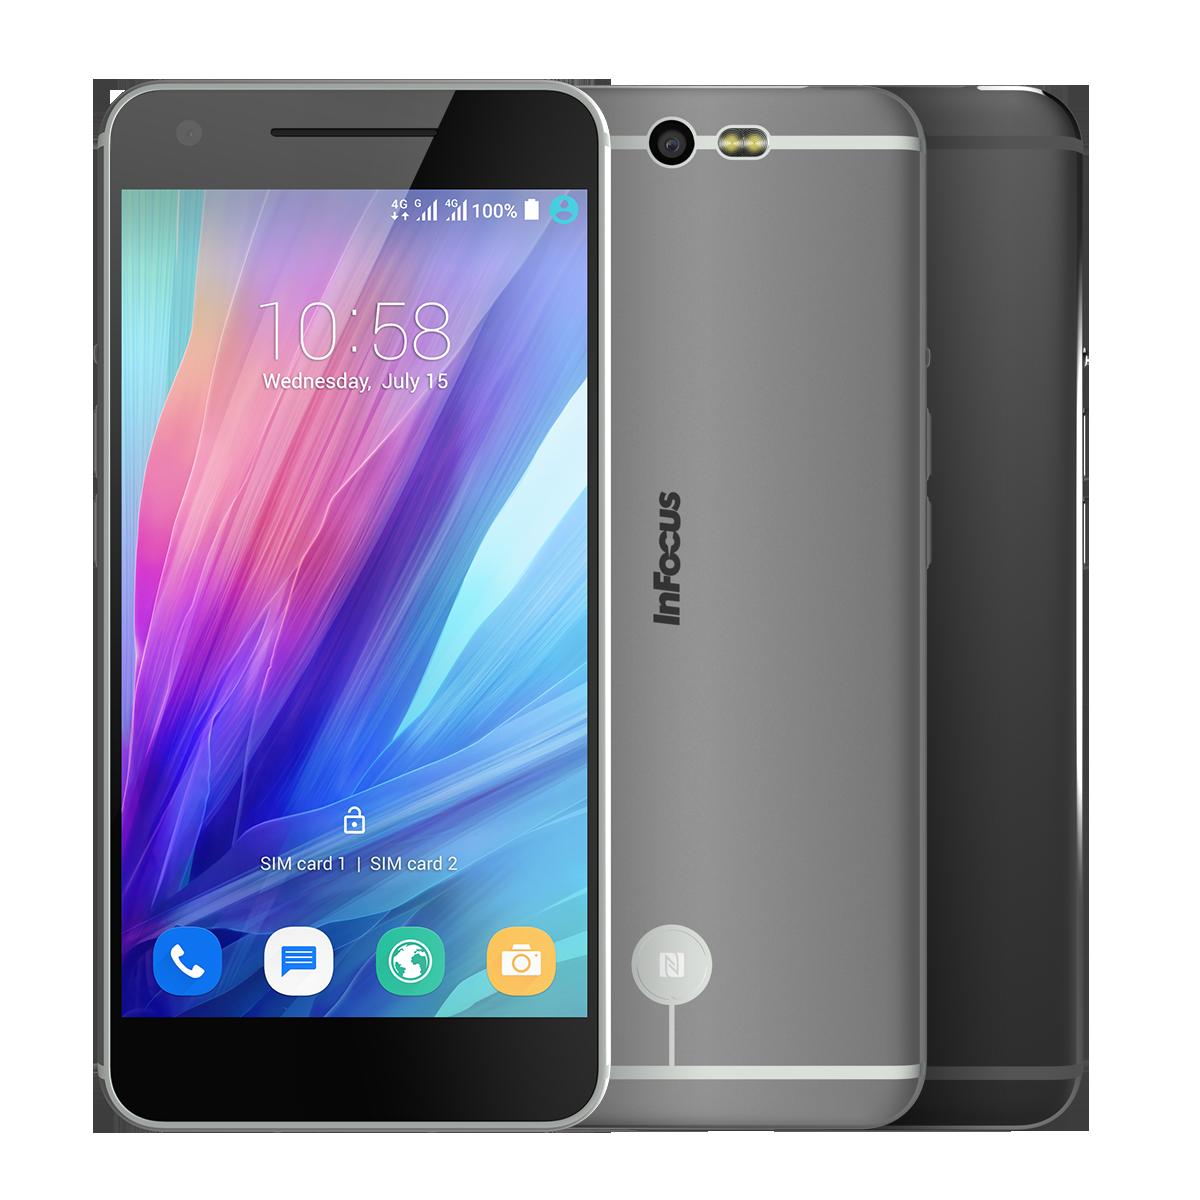 InFocus M812A สมาร์ทโฟนสเปคดีระดับพรีเมี่ยม  หน้าจอ IPS ขนาดใหญ่ 5.5 นิ้ว ความละเอียด Full HD ในราคา 12,990 บาท